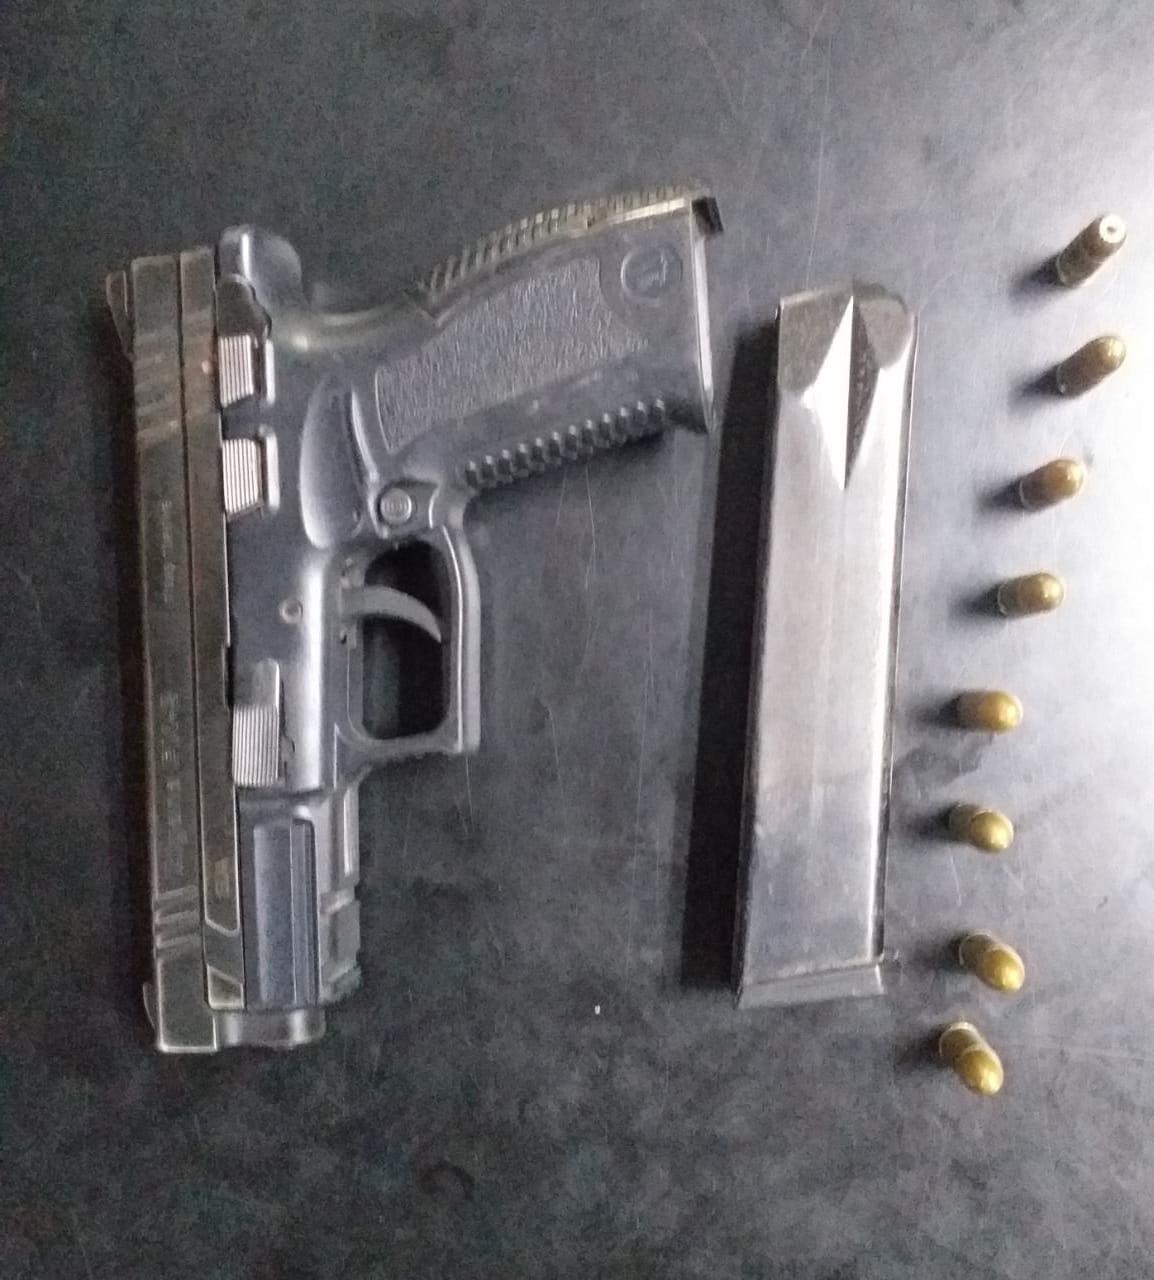 Pistola incautada sin licencia para su portación legal.